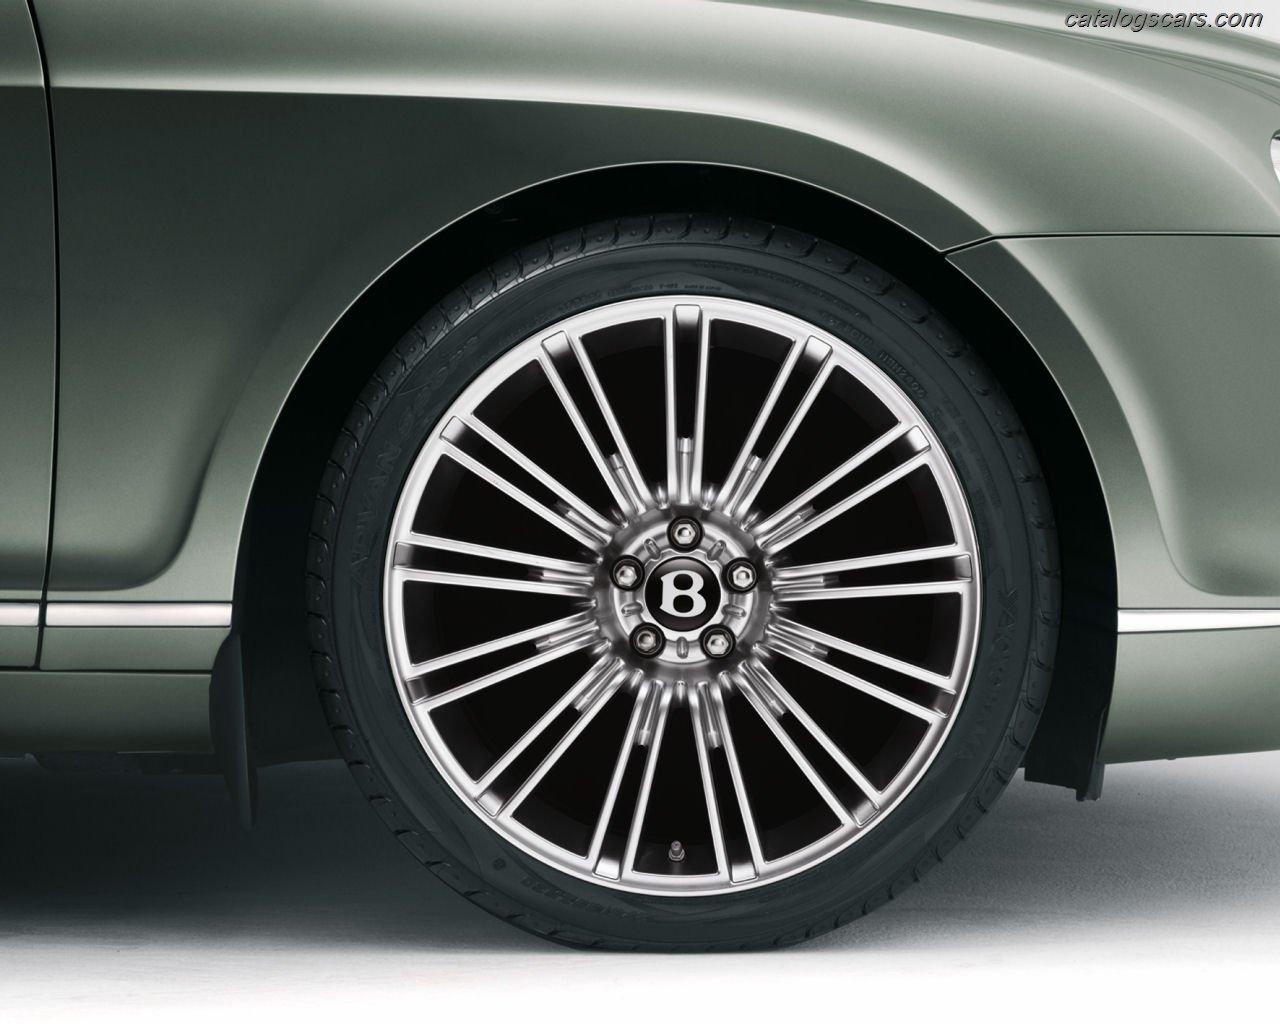 صور سيارة بنتلى كونتيننتال جى تى سى سبيد 2012 - اجمل خلفيات صور عربية بنتلى كونتيننتال جى تى سى سبيد 2012 - Bentley Continental Gtc Speed Photos Bentley-Continental-Gtc-Speed-2011-02.jpg